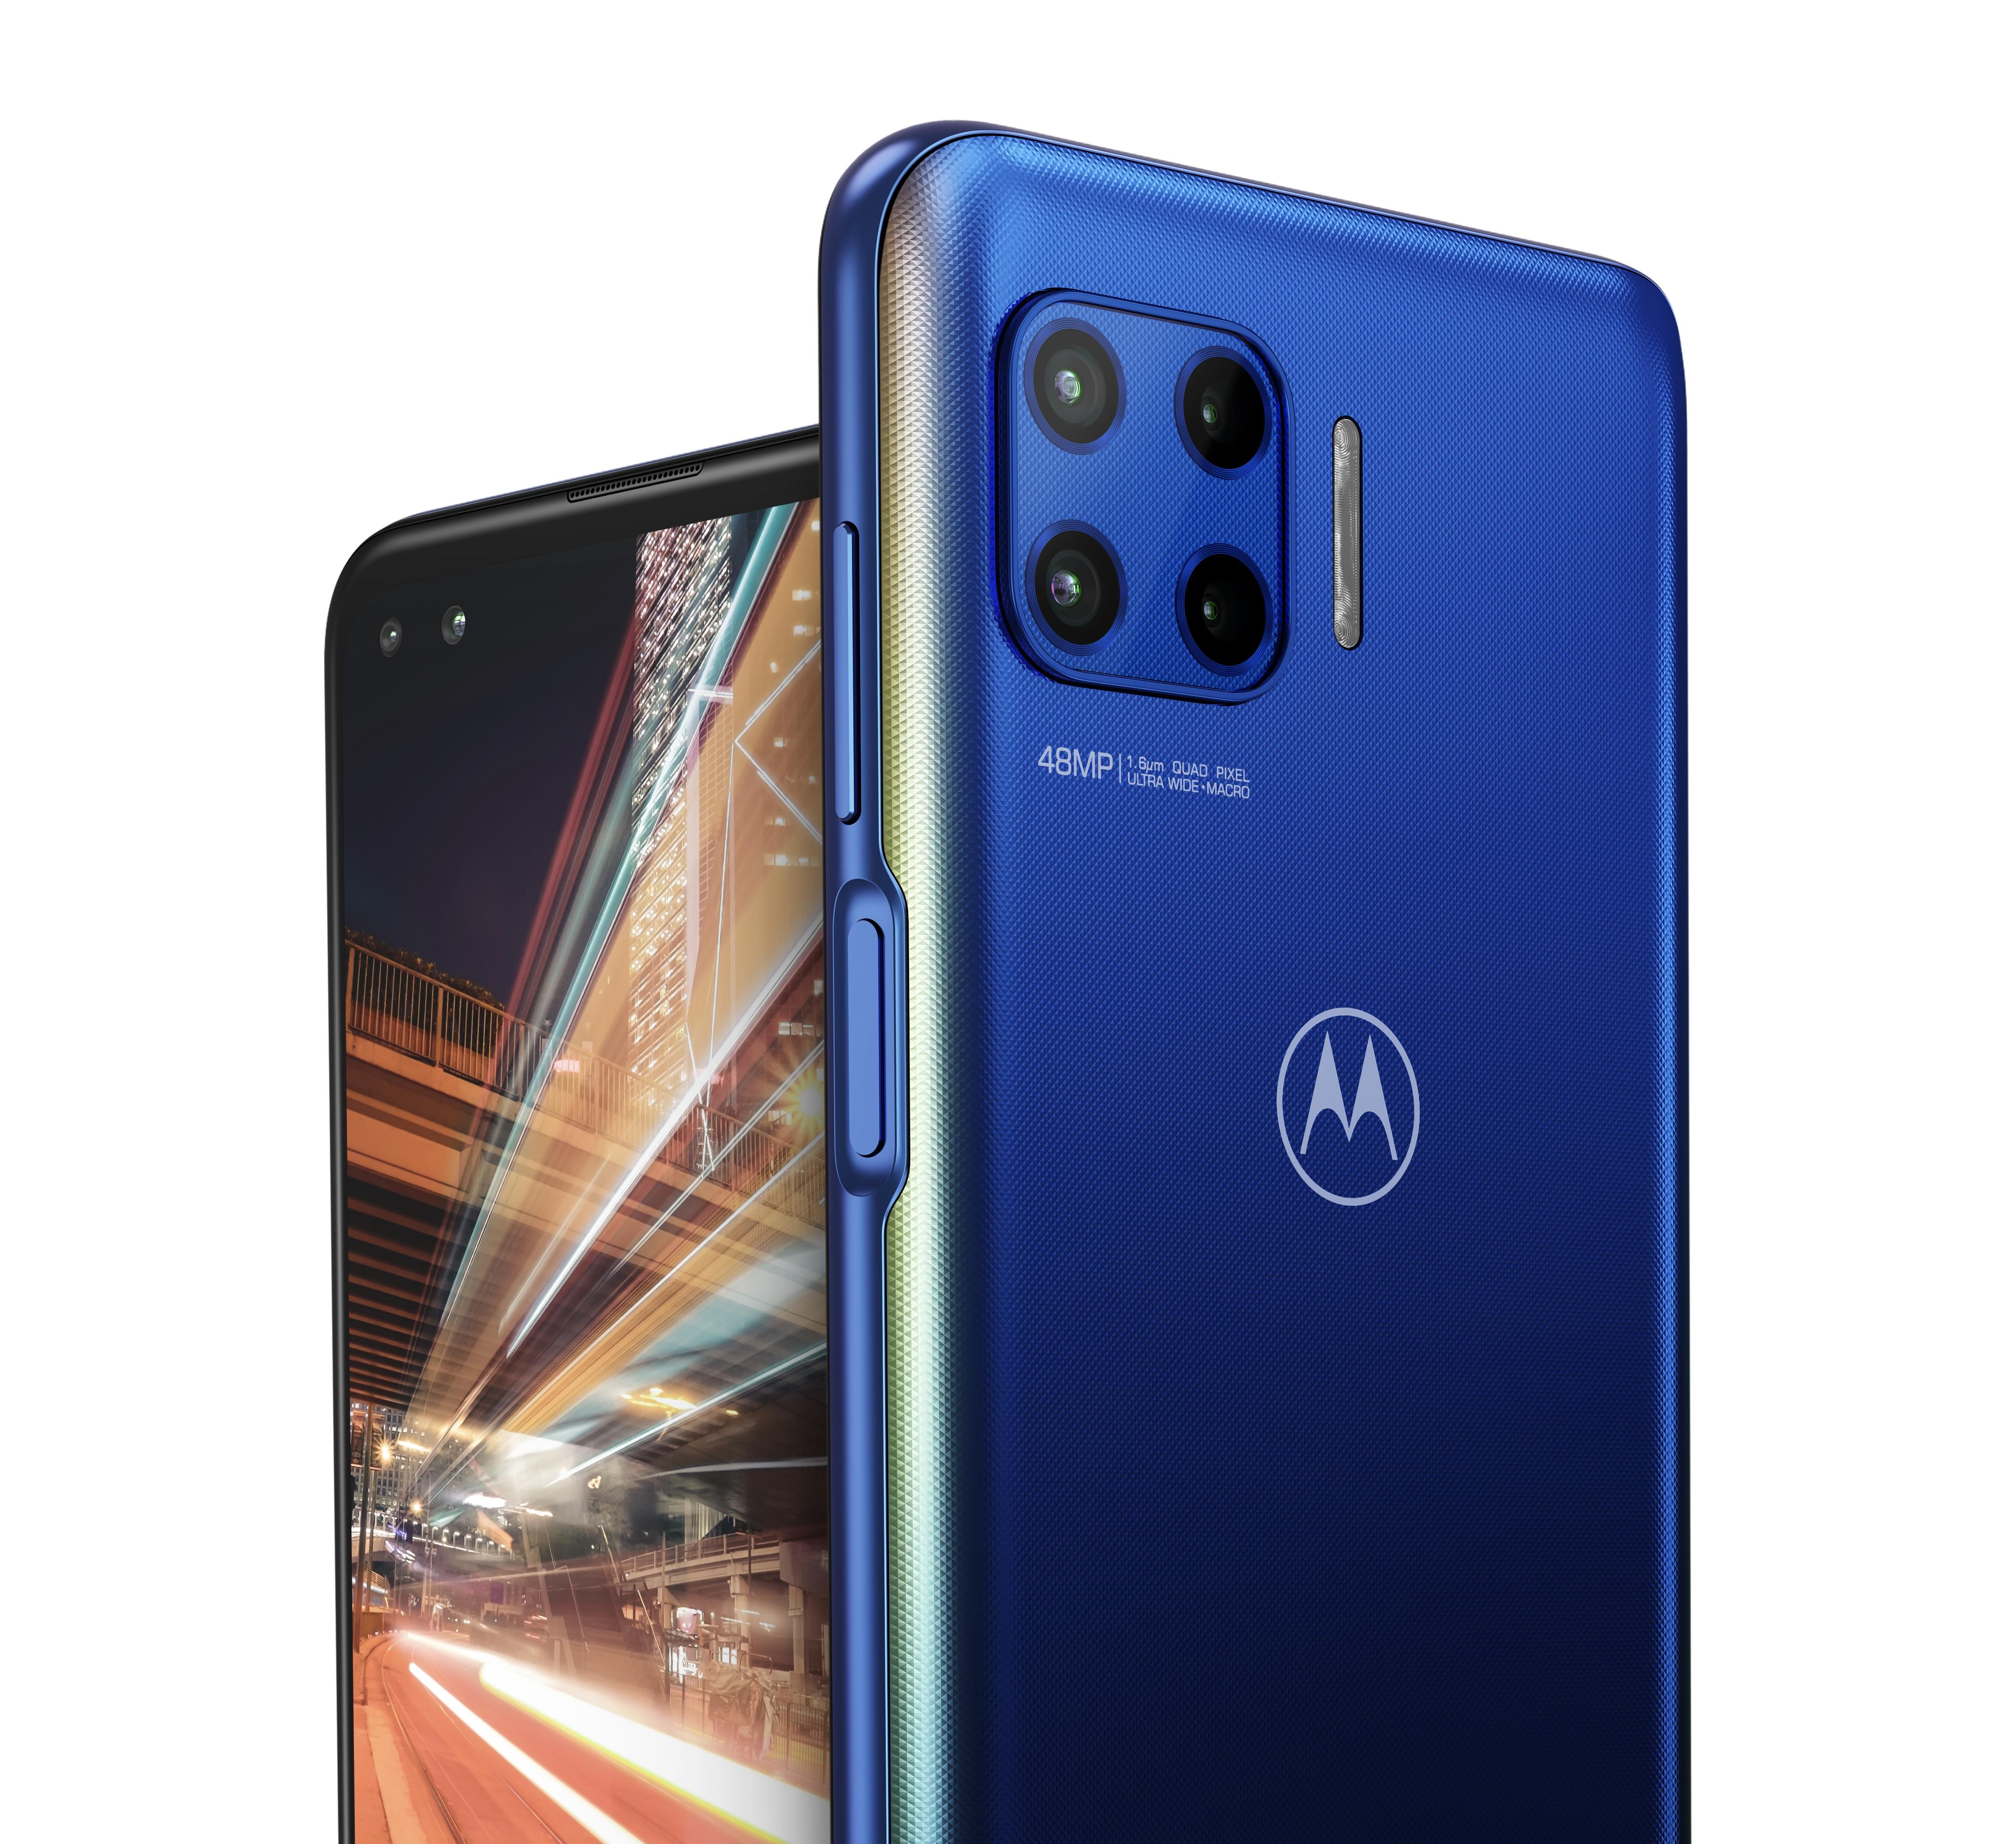 premiera Motorola Moto G 5G Plus cena w Polsce gdzie kupić najtaniej opinie specyfikacja dane techniczne